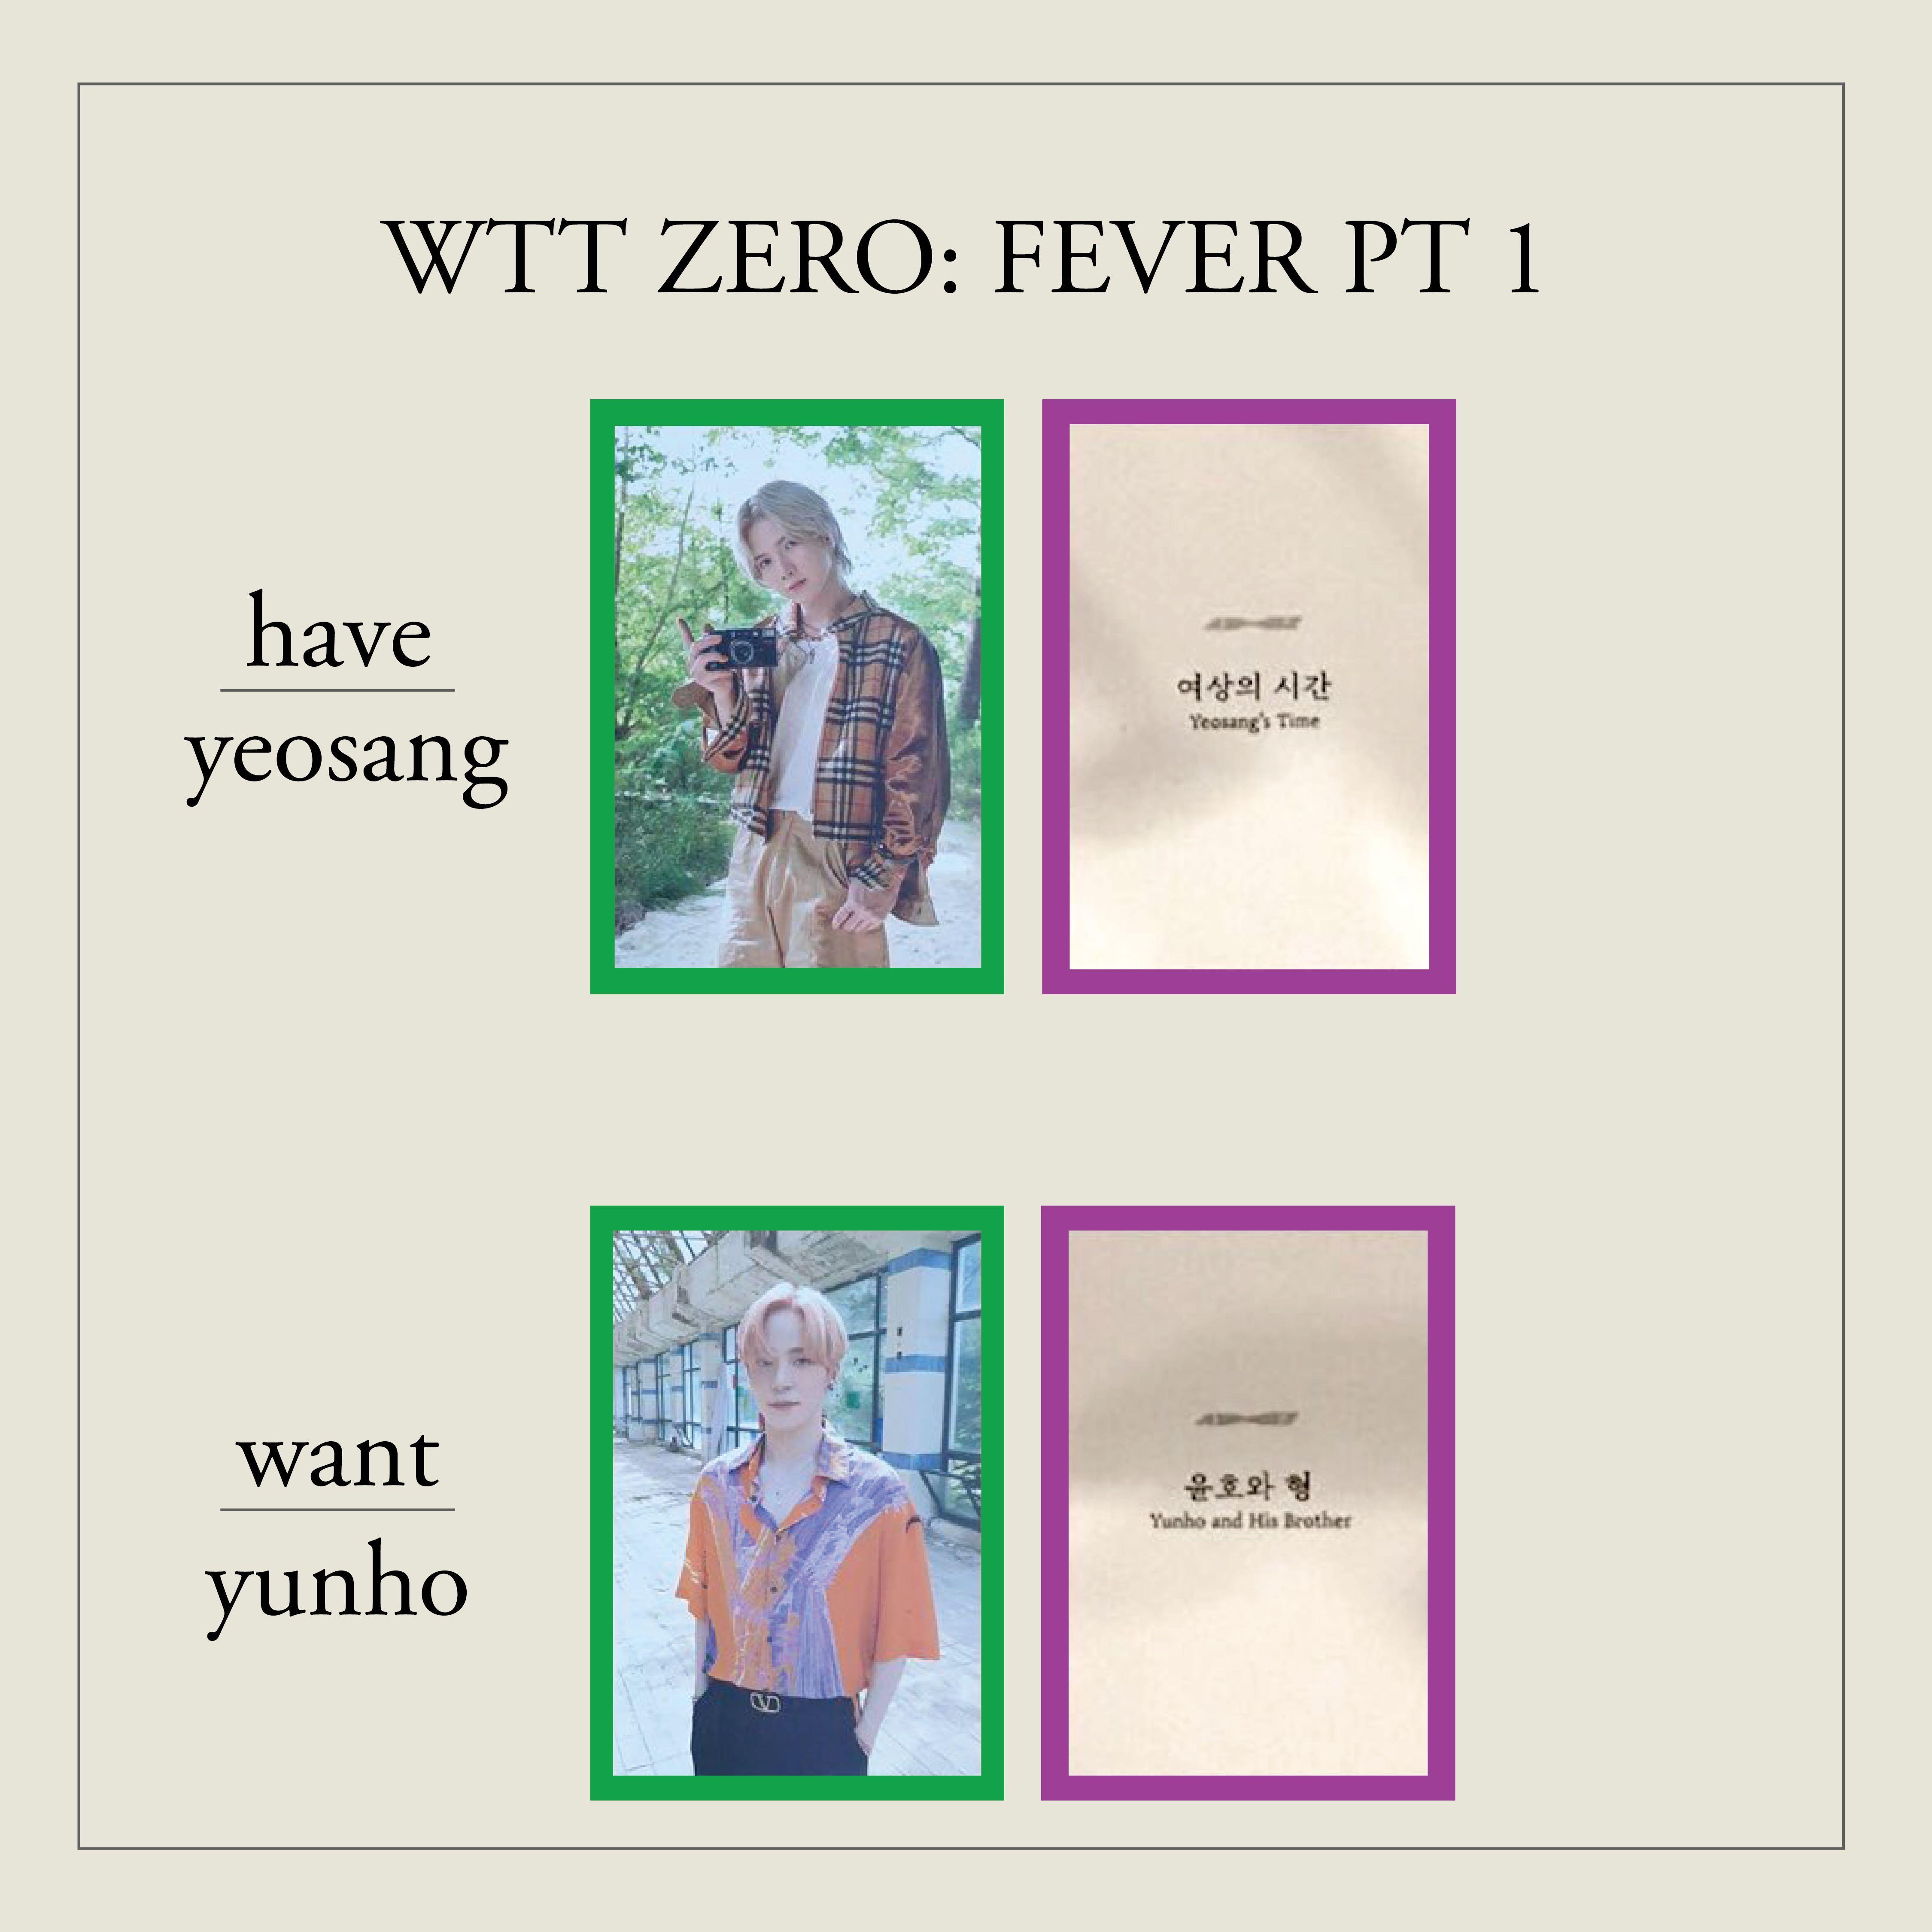 wtt ateez fever pt 1 photocard 1597889286 ebd1e021 progressive